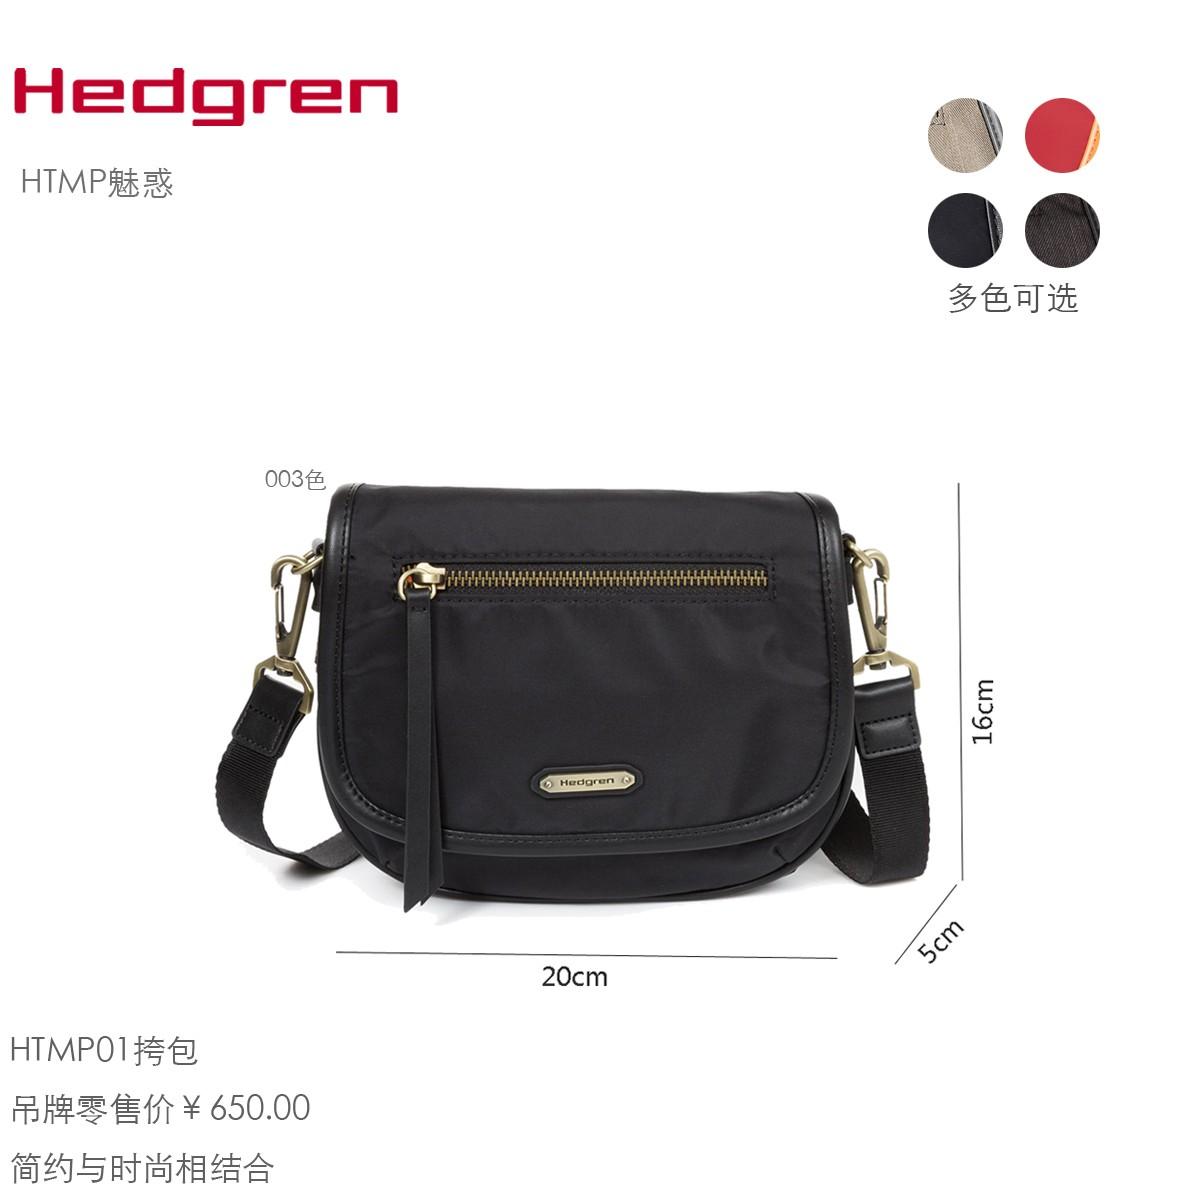 国内代购▲Hedgren海格林 HTMP01时尚小方包挎包专柜